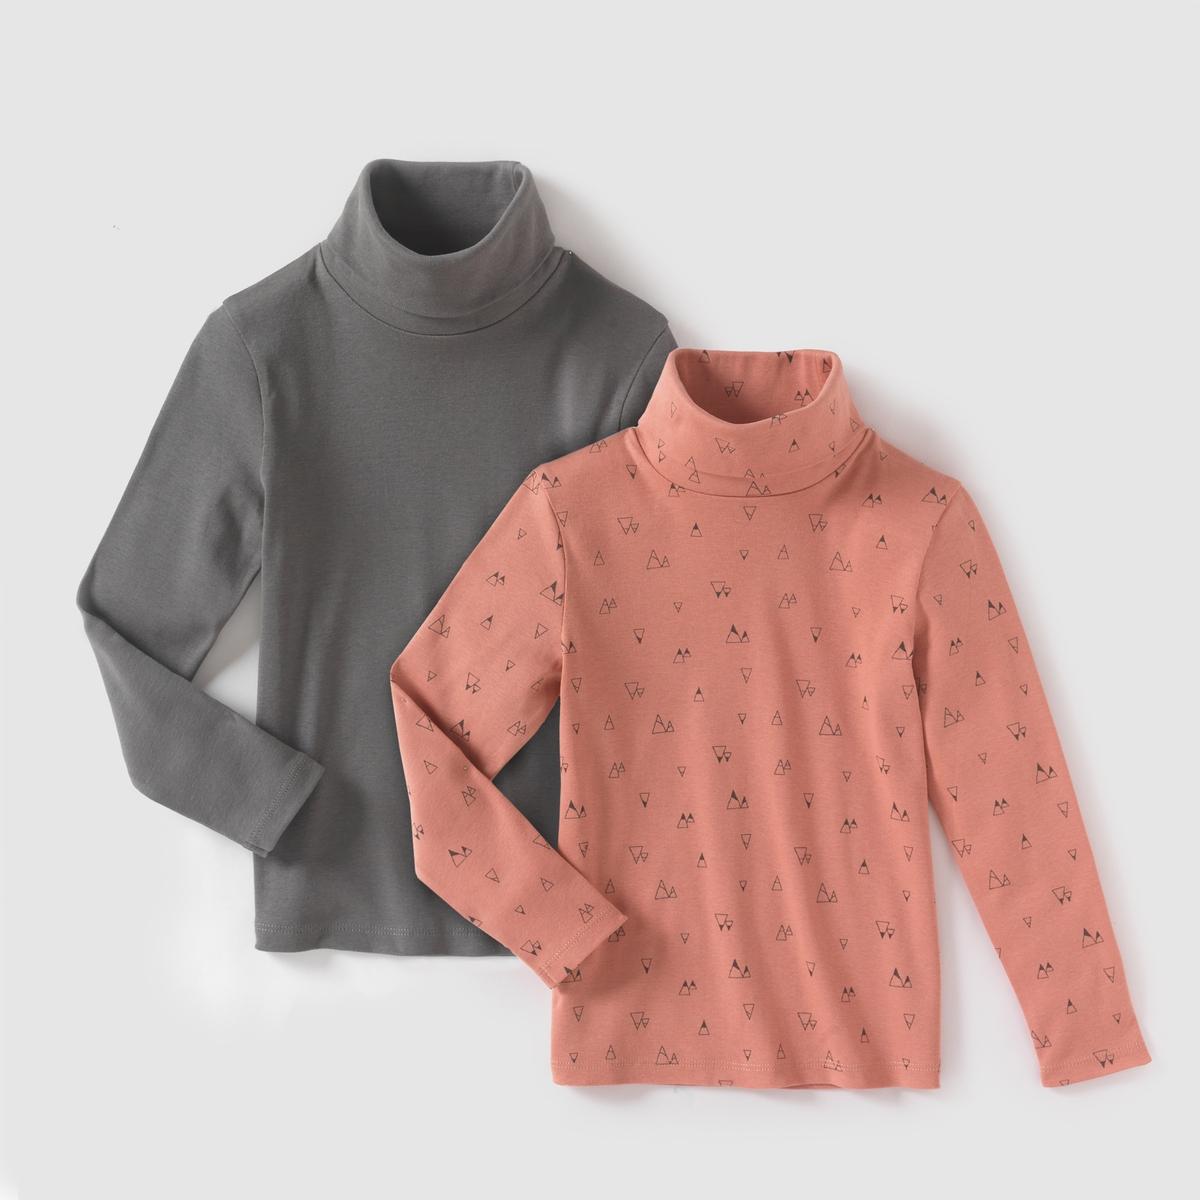 Комплект из 2 тонких пуловеров с длинными рукавами, 3-12 летТонкие пуловеры с длинными рукавами и высоким закатывающимся воротником. Комплект из 2 штук : 1 однотонный + 1 с рисунком горы в графическом стиле. Состав и описание : Материал: джерси, 100% хлопкаМарка R ?dition  Уход : Машинная стирка при 30° с одеждой подобных цветов  .Стирка и глажка с изнаночной стороны.Сушить в машине при умеренном режиме.Гладить при умеренной температуре.<br><br>Цвет: рисунок + розовый